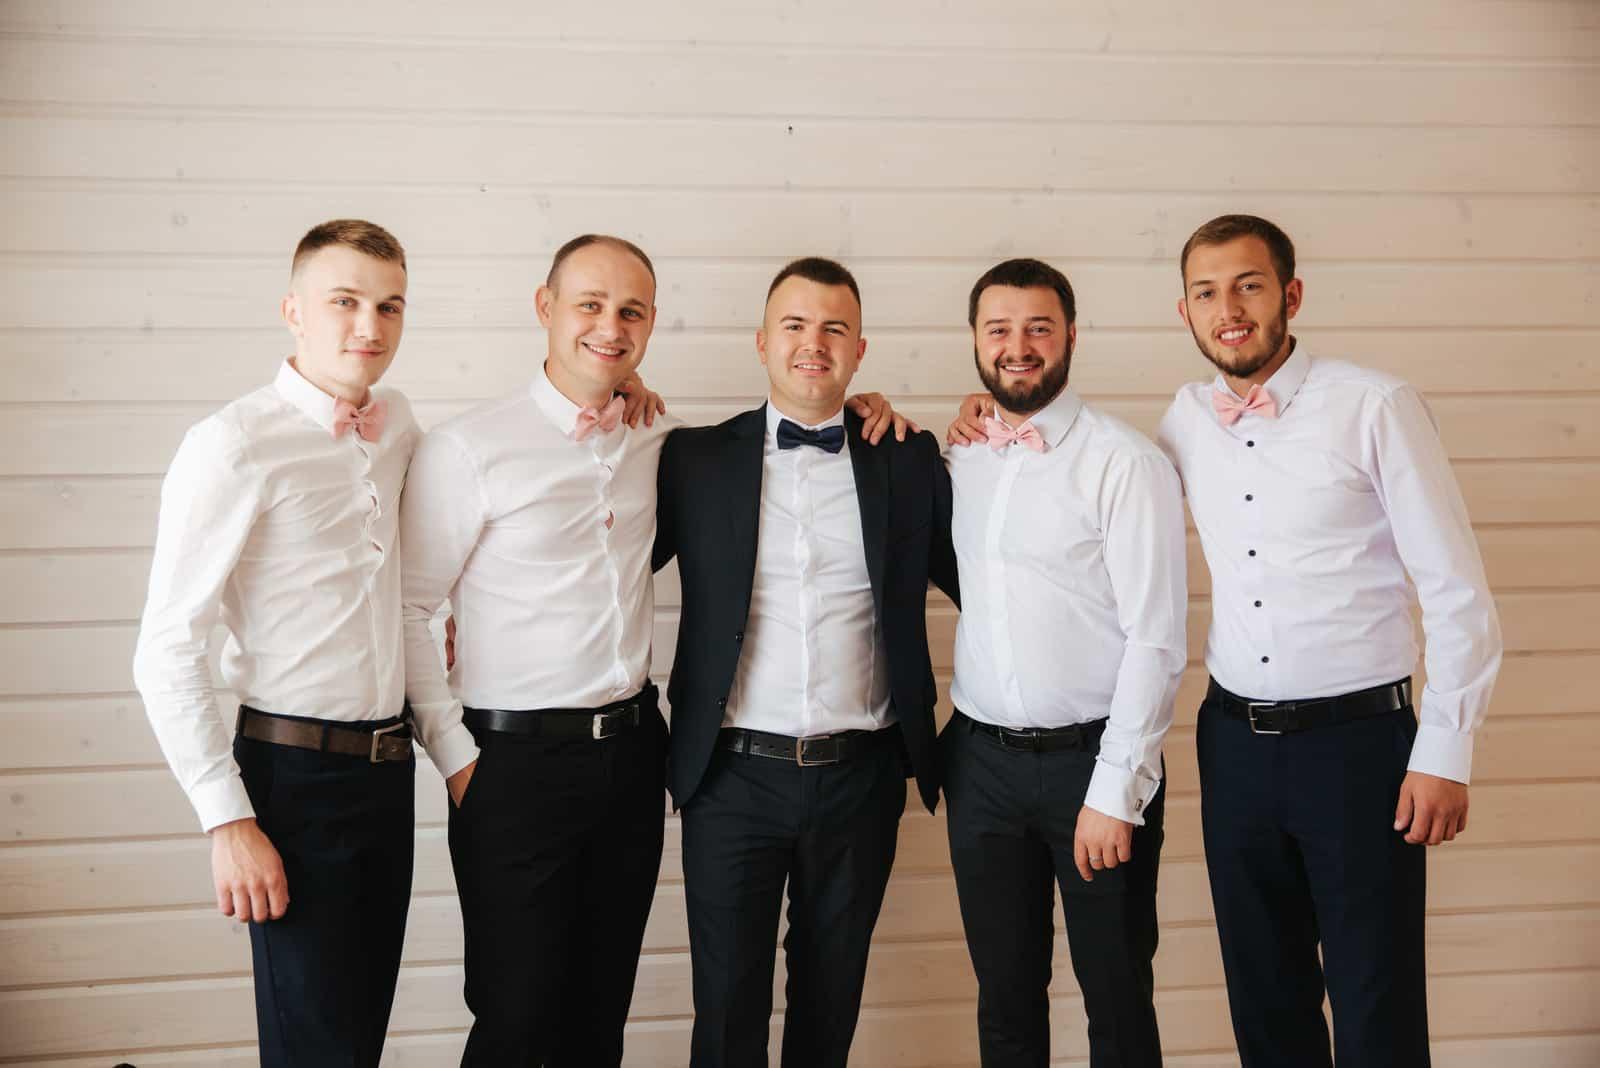 Hochzeit: Wie viele Trauzeugen darf man haben?